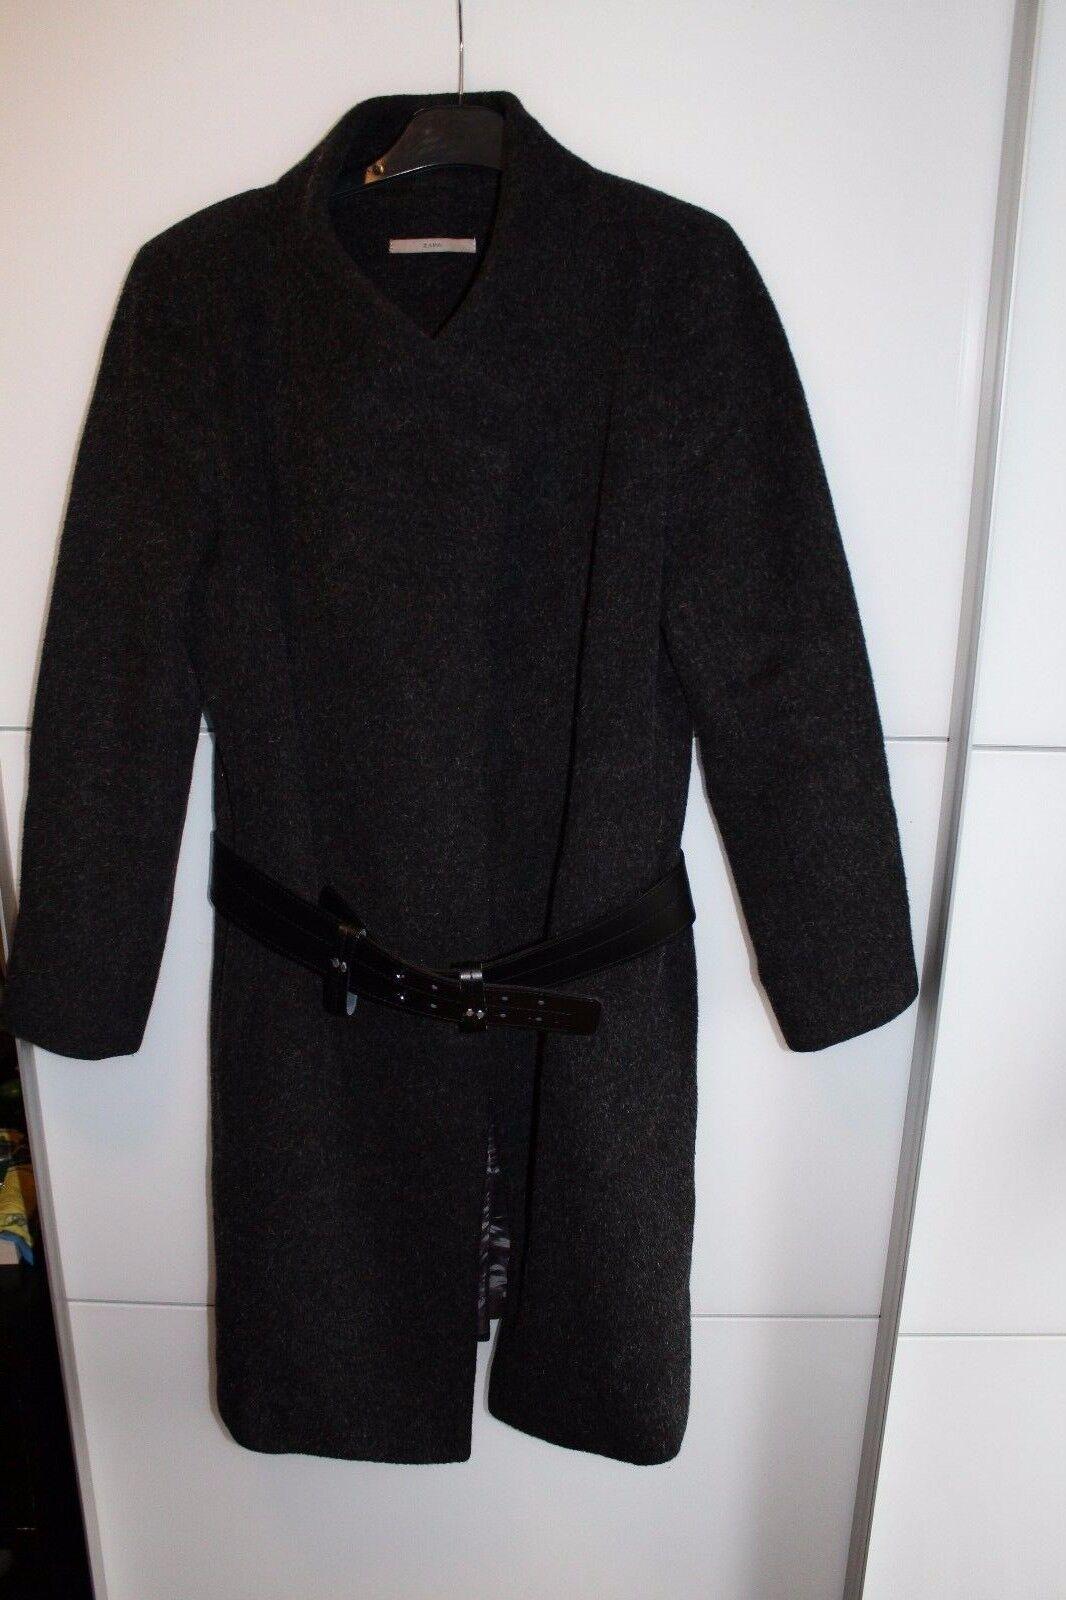 Très beau manteau gris avec sa ceinture femme zapa taille 38/40 valeur 180 euros